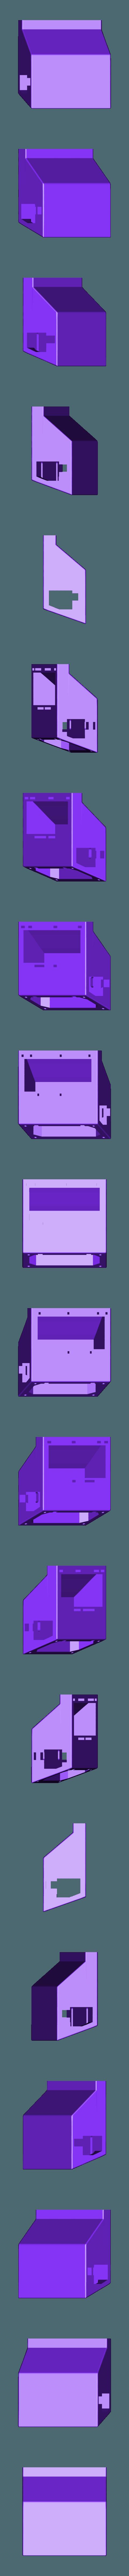 front_top_unit.stl Télécharger fichier STL gratuit Ghostbuster Ghostbuster Ghosttrap • Modèle pour impression 3D, SLIDES